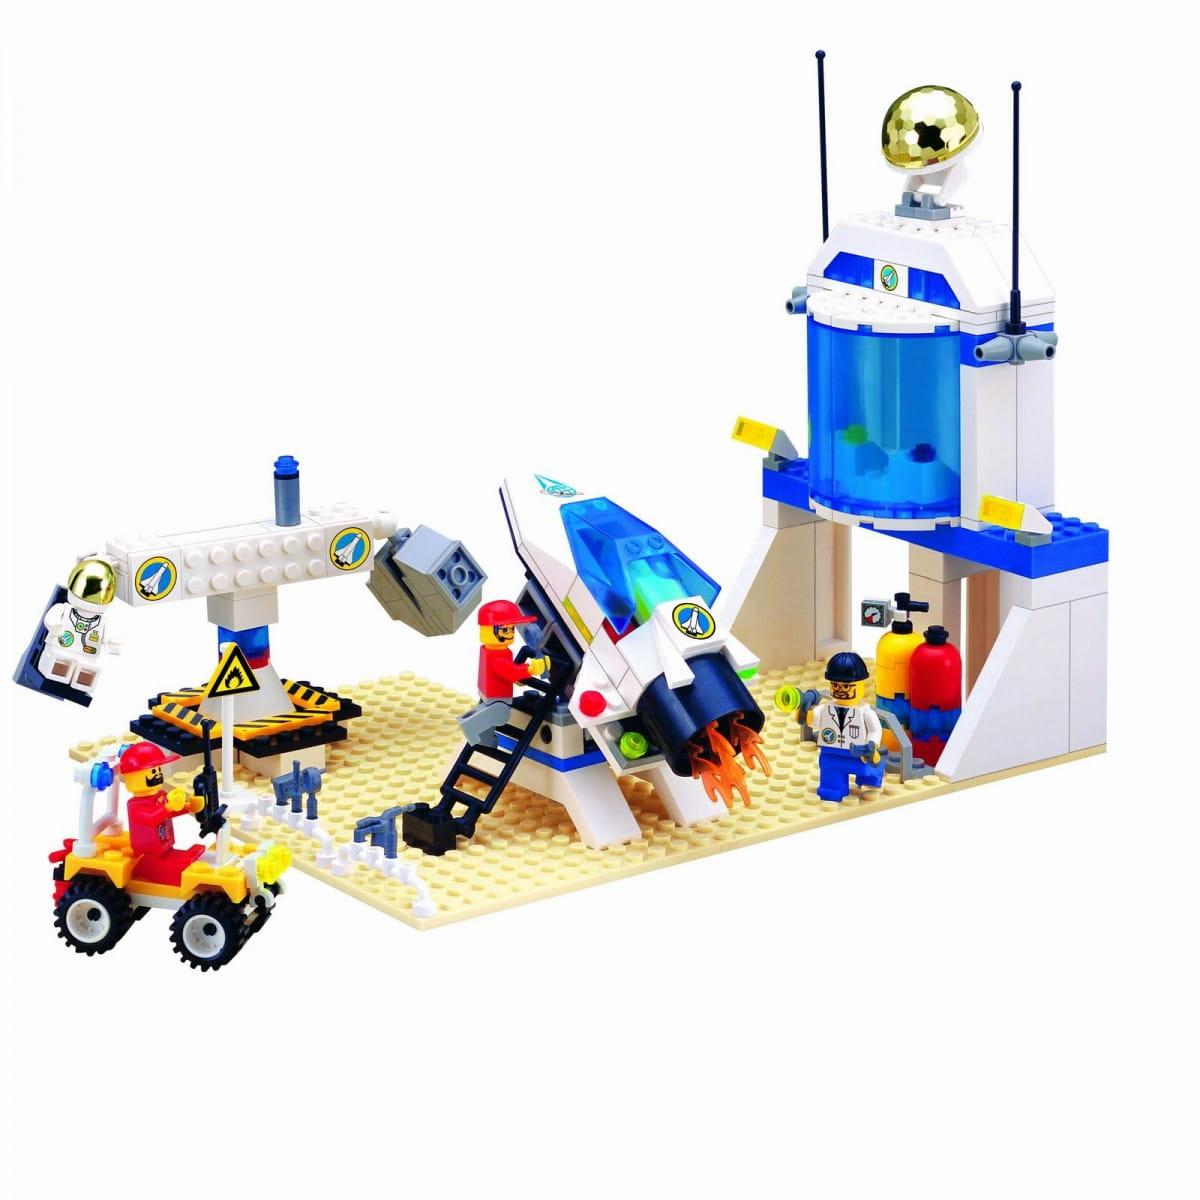 Конструктор Enlighten Brick Г28158 База для астронавтов - 292 детали